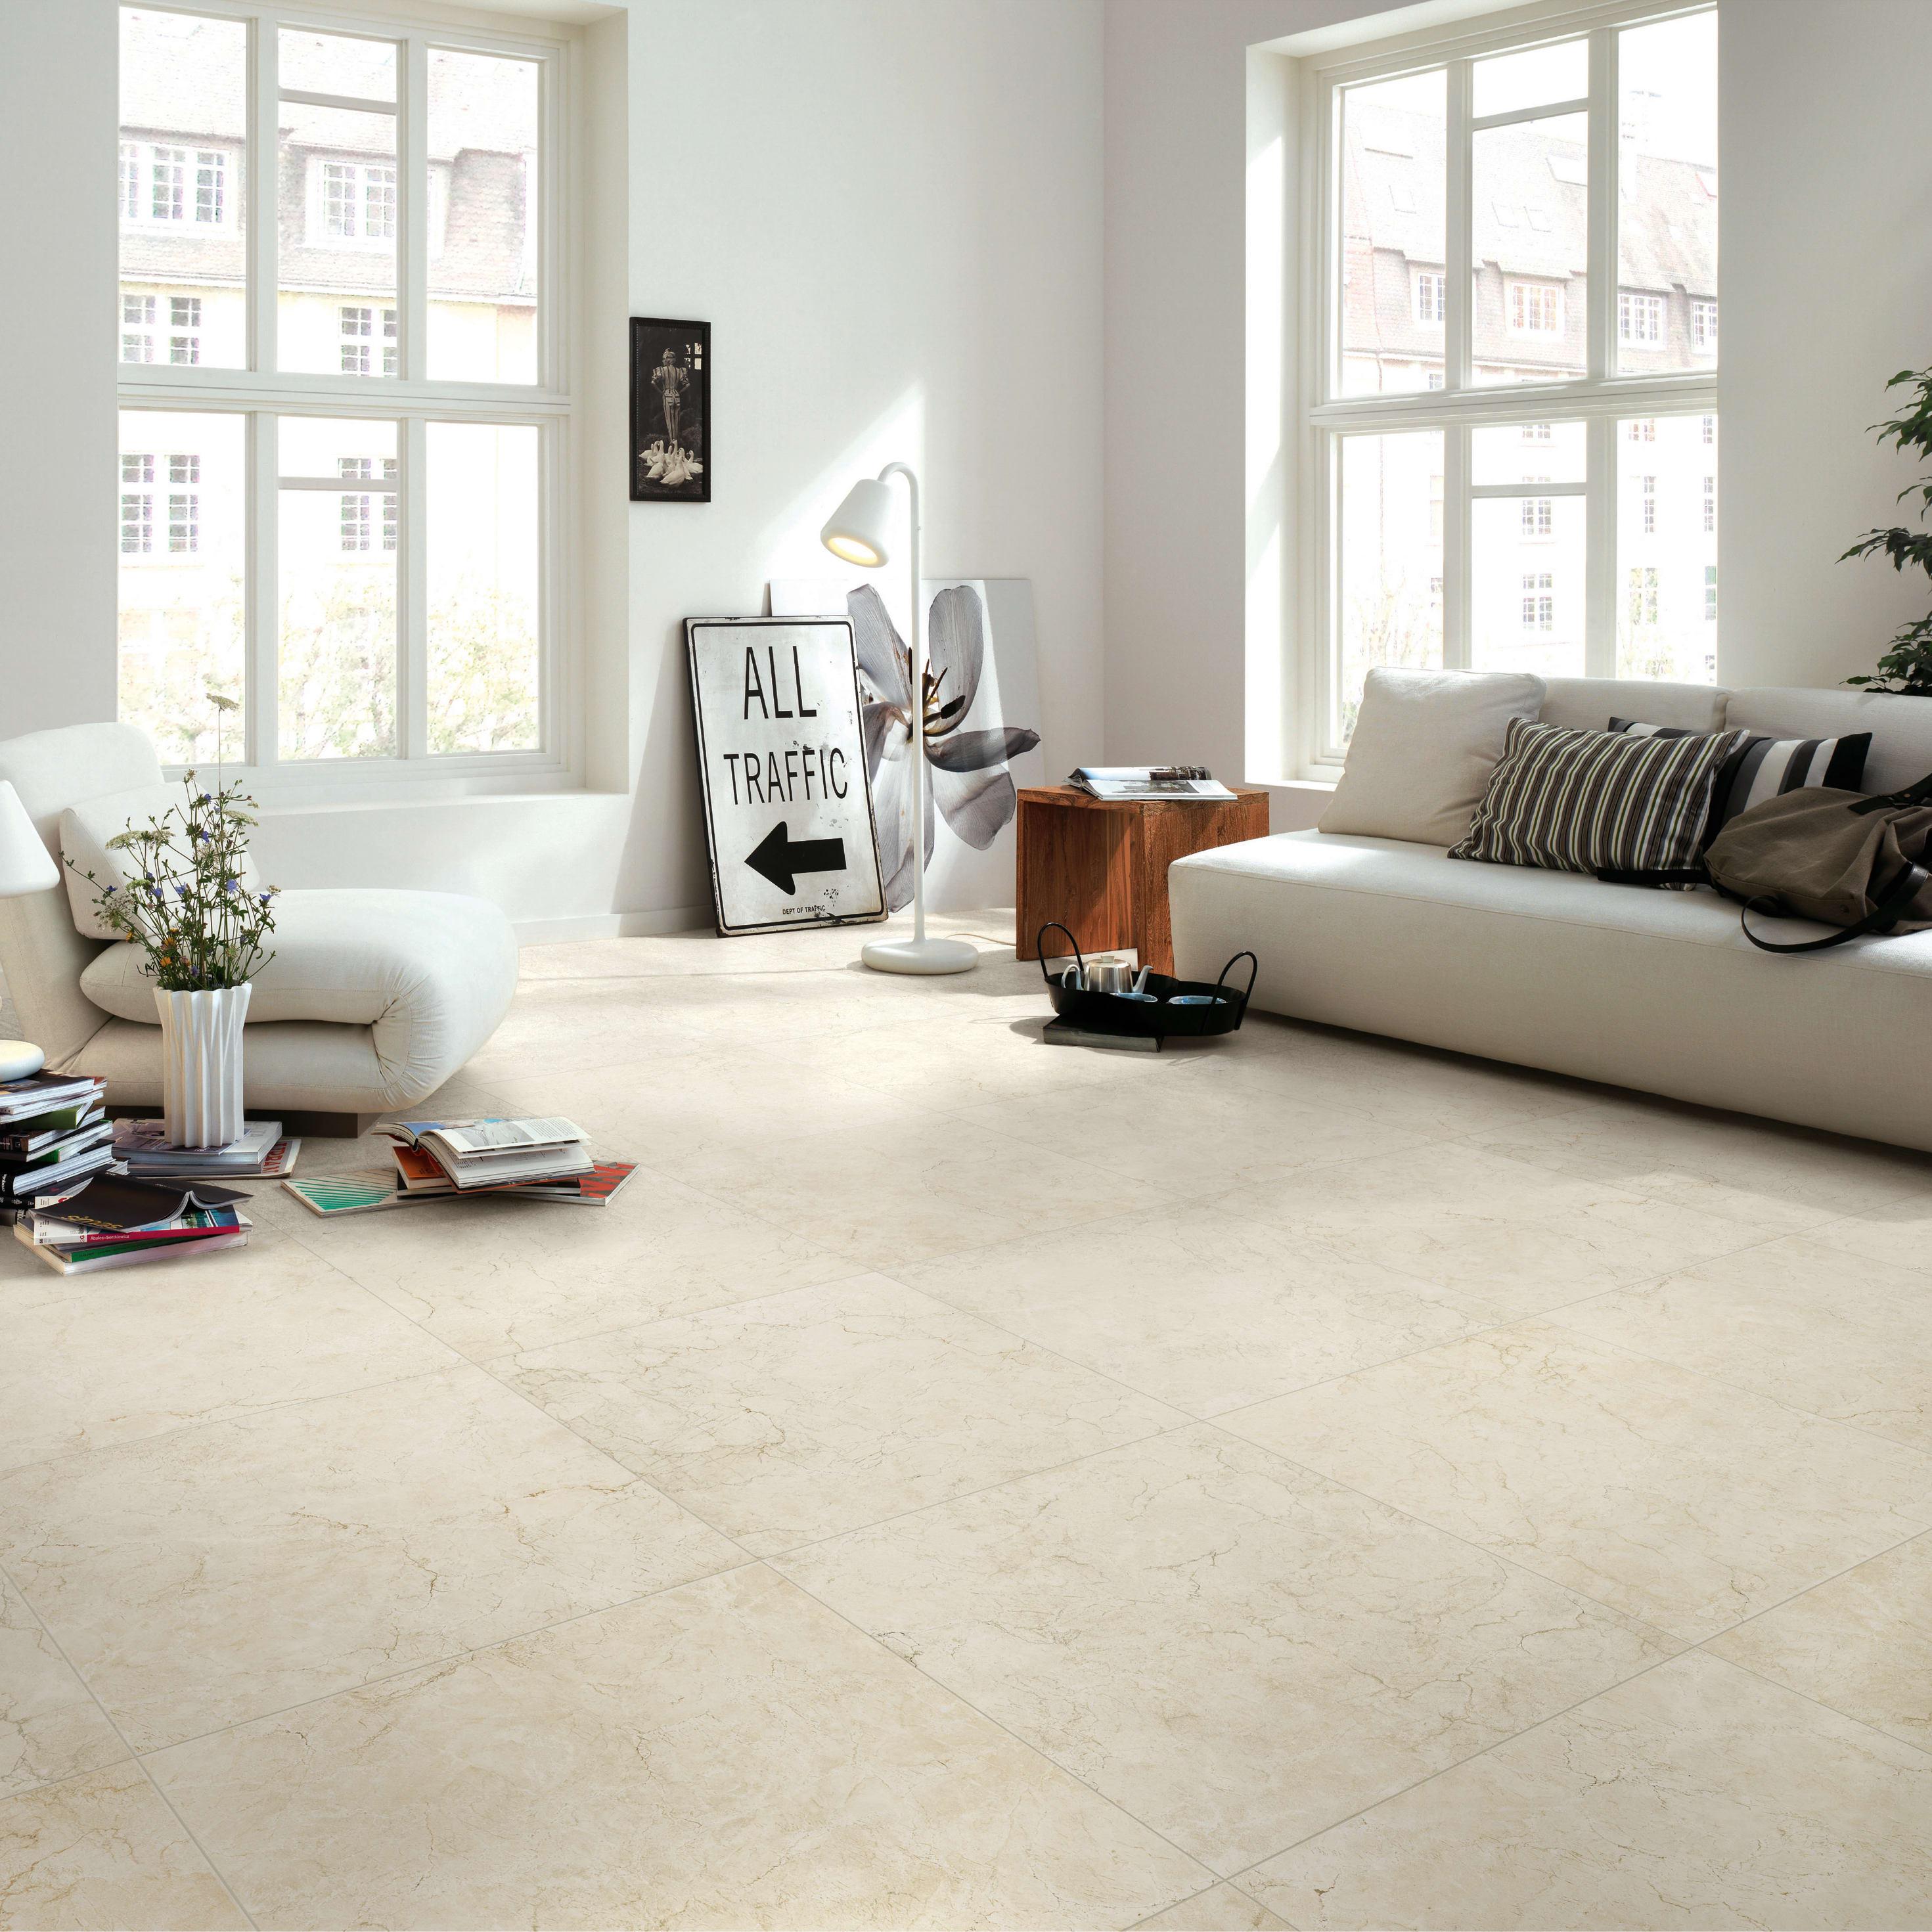 Fuga Minima Pavimento Rettificato piastrella marmorea 60 x 60 cm sp. 9.5 mm pei 3/5 beige